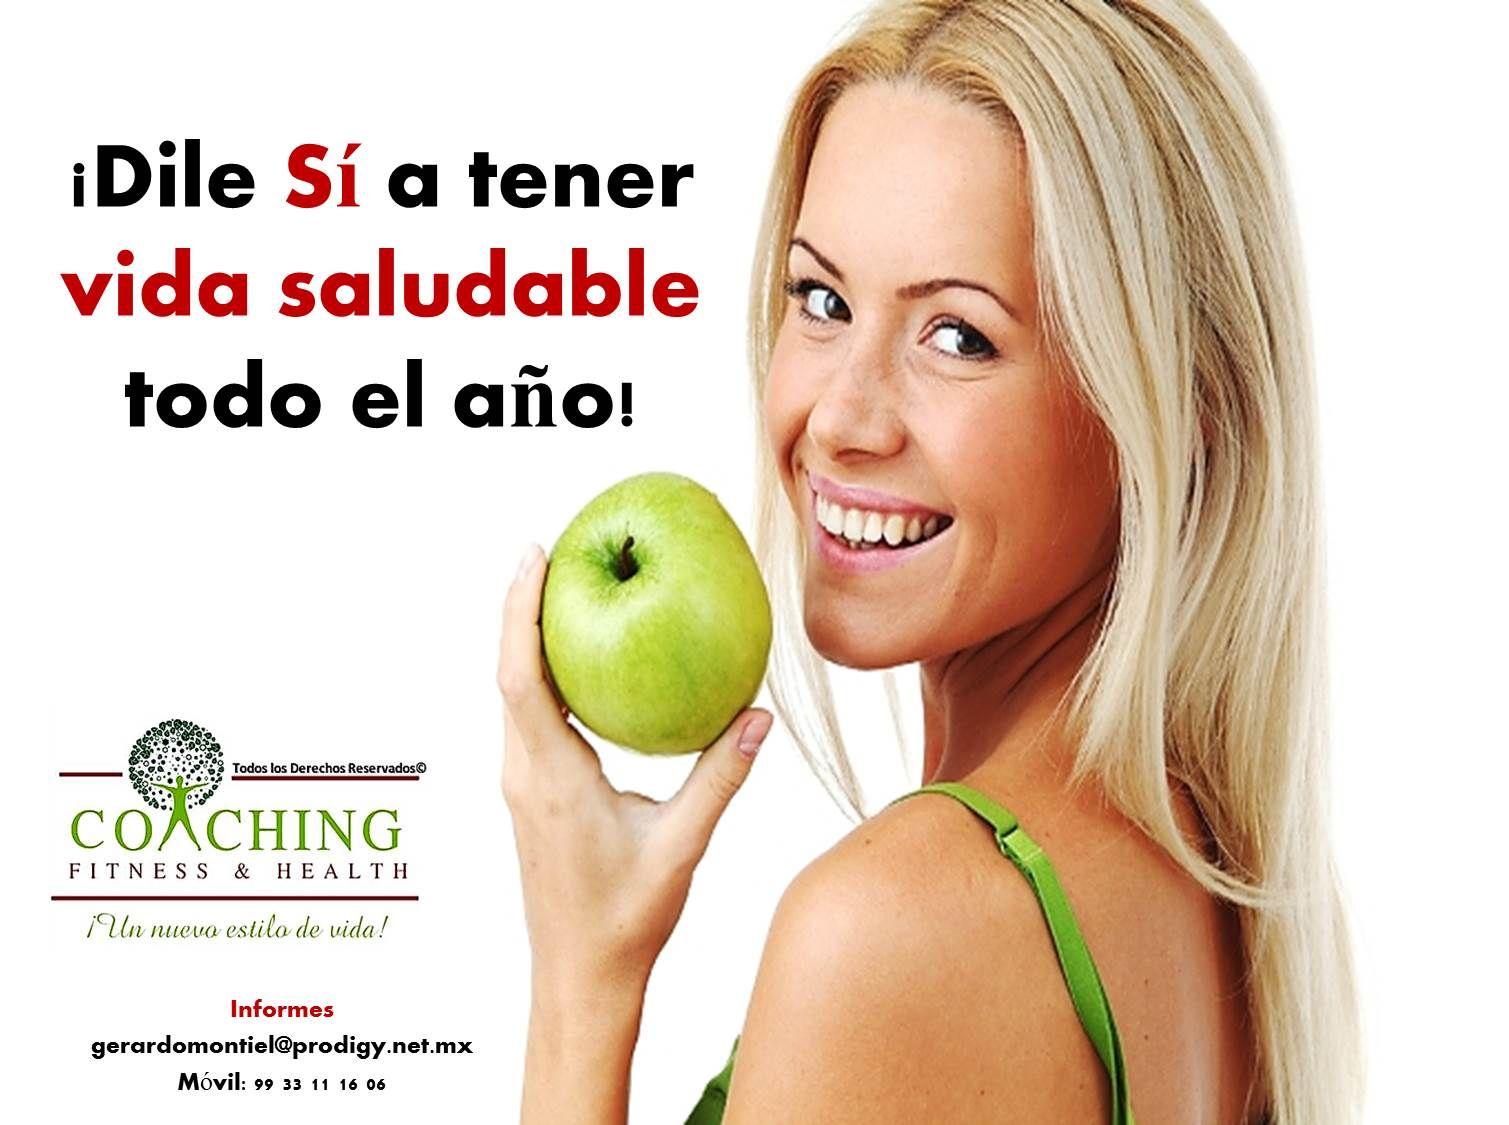 Suplemento para perder peso y ganar masa muscular picture 3